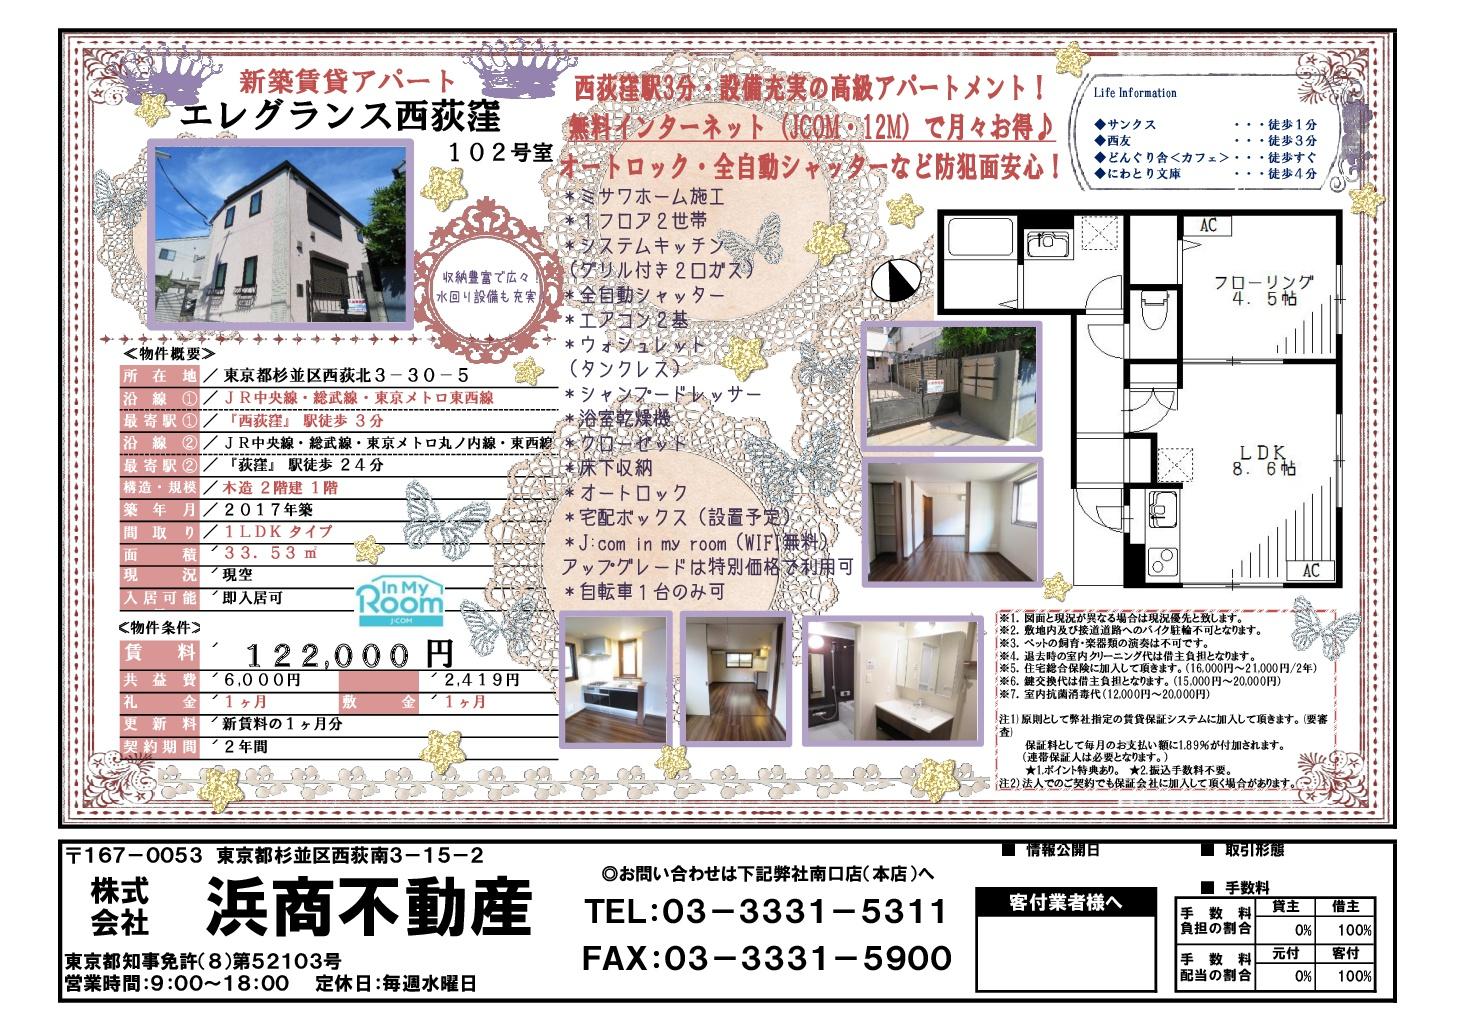 【新図面】エレグランス西荻窪102-001